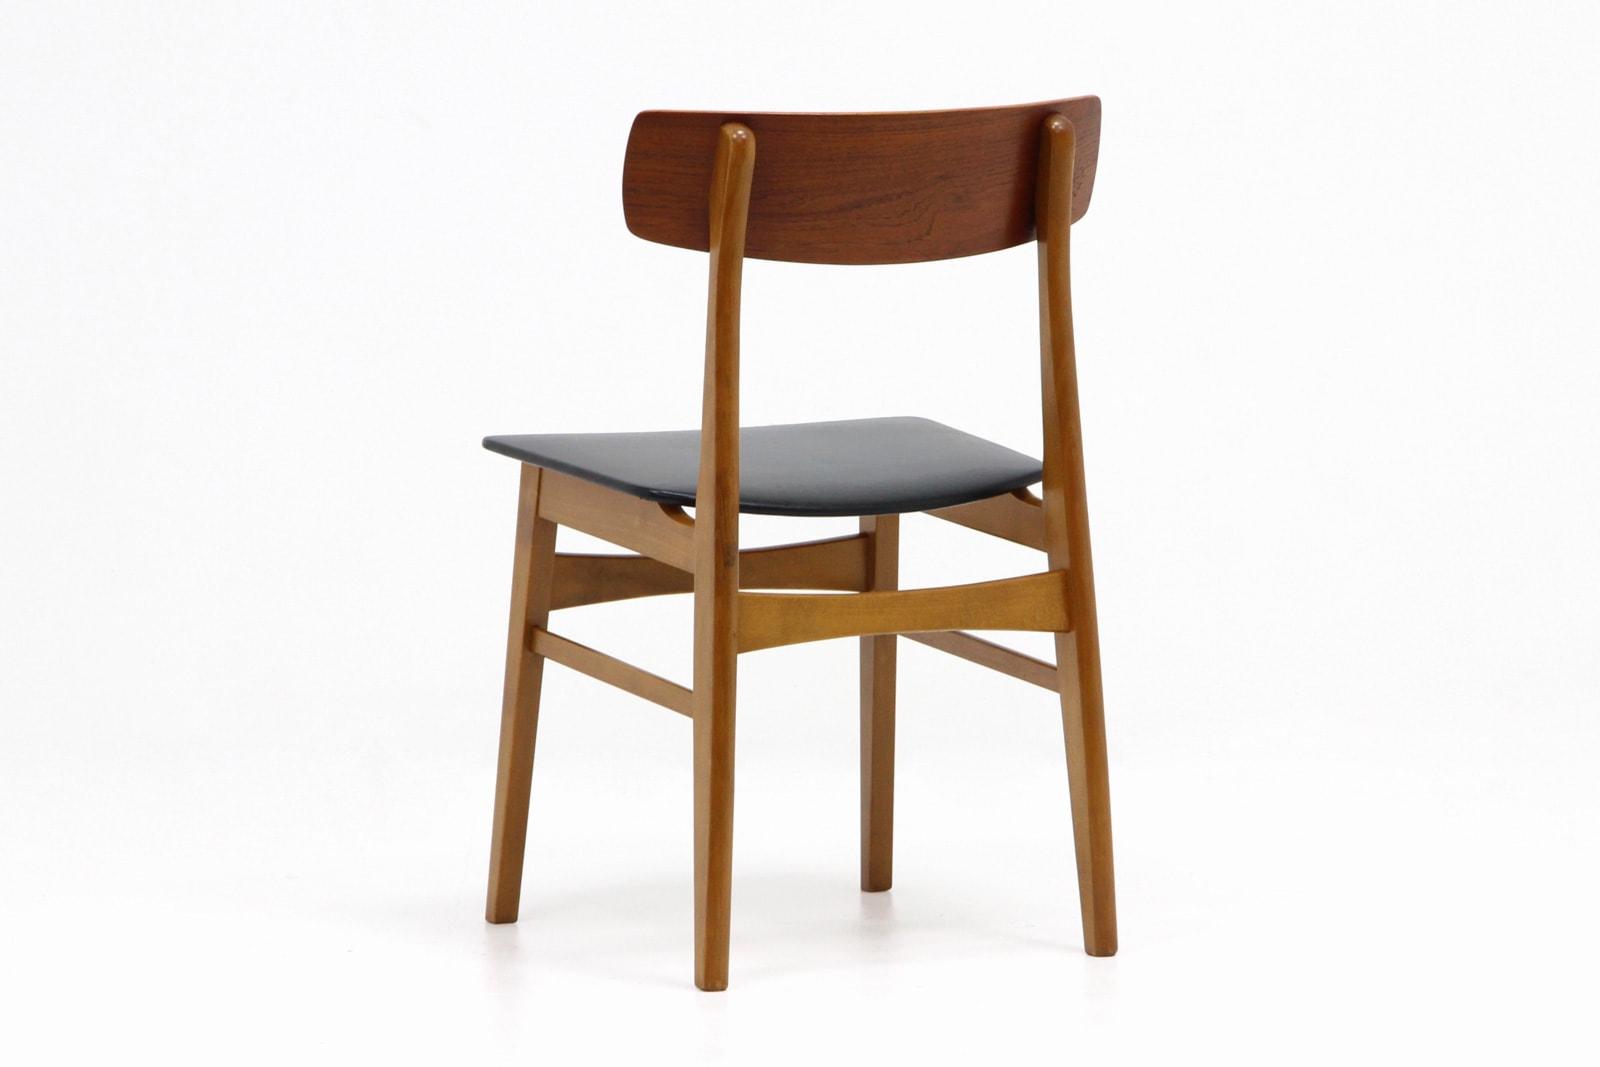 ヴィンテージ,北欧,椅子